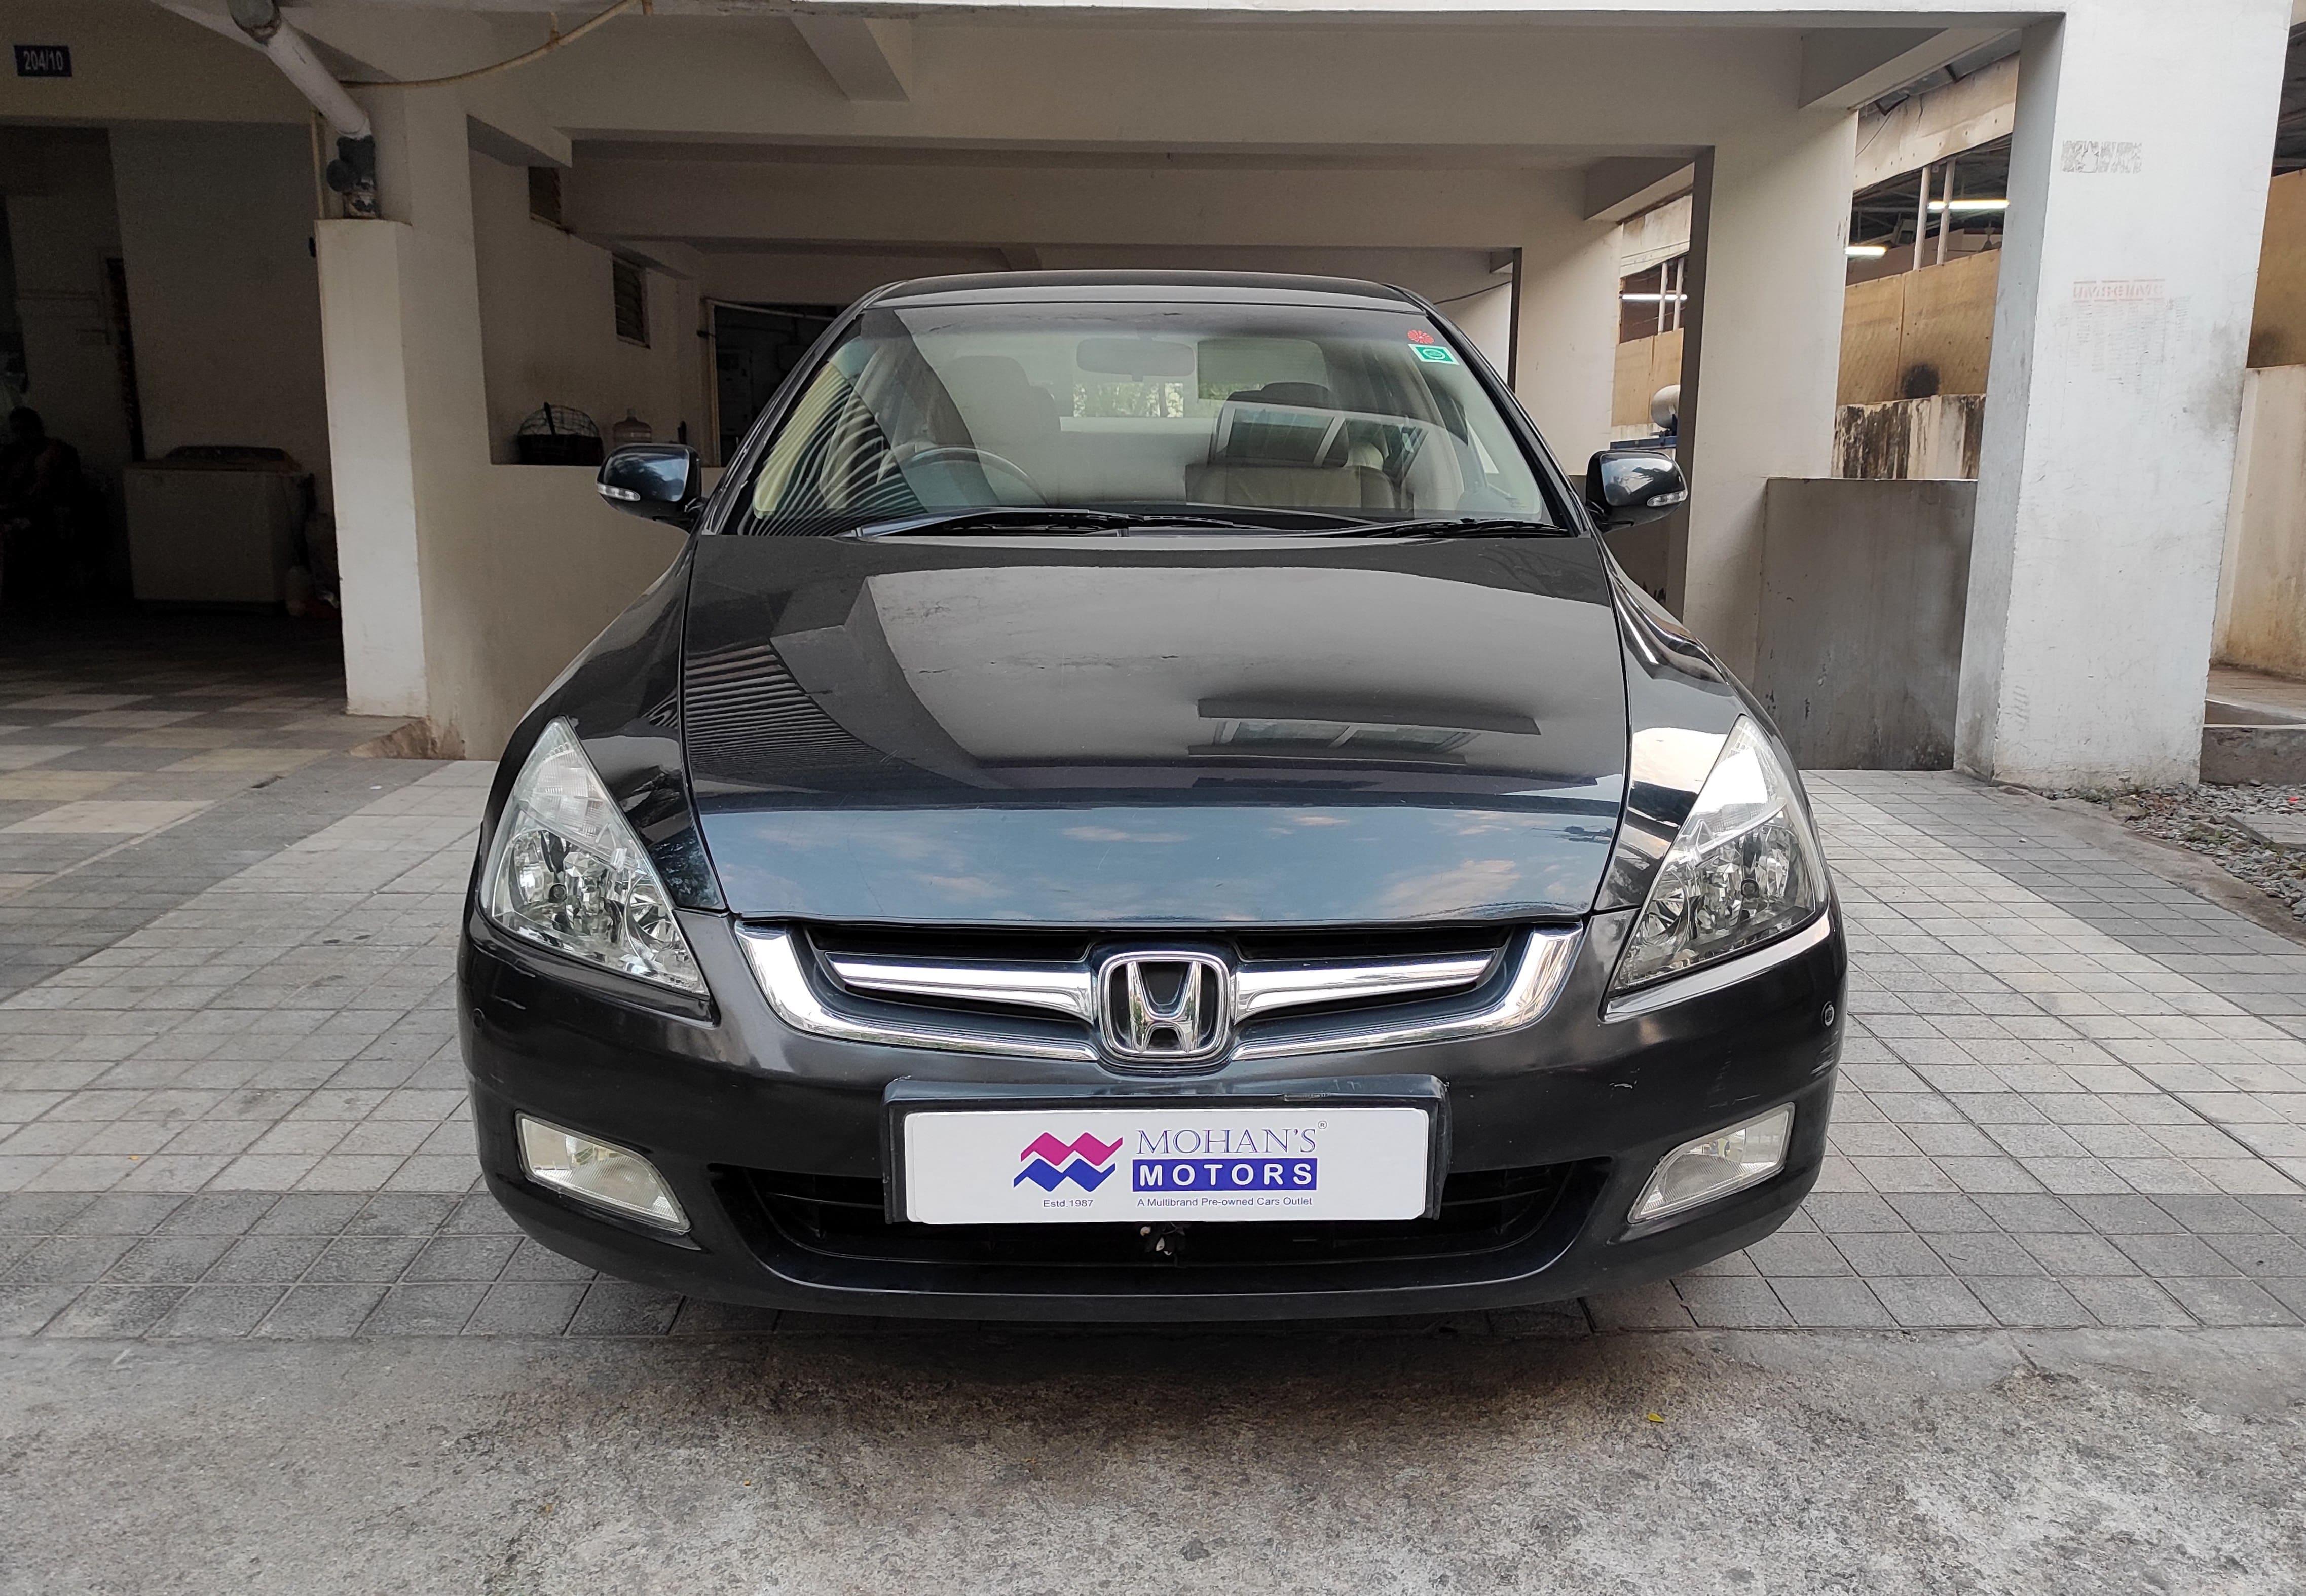 Honda Accord 2003-2007 VTi-L MT